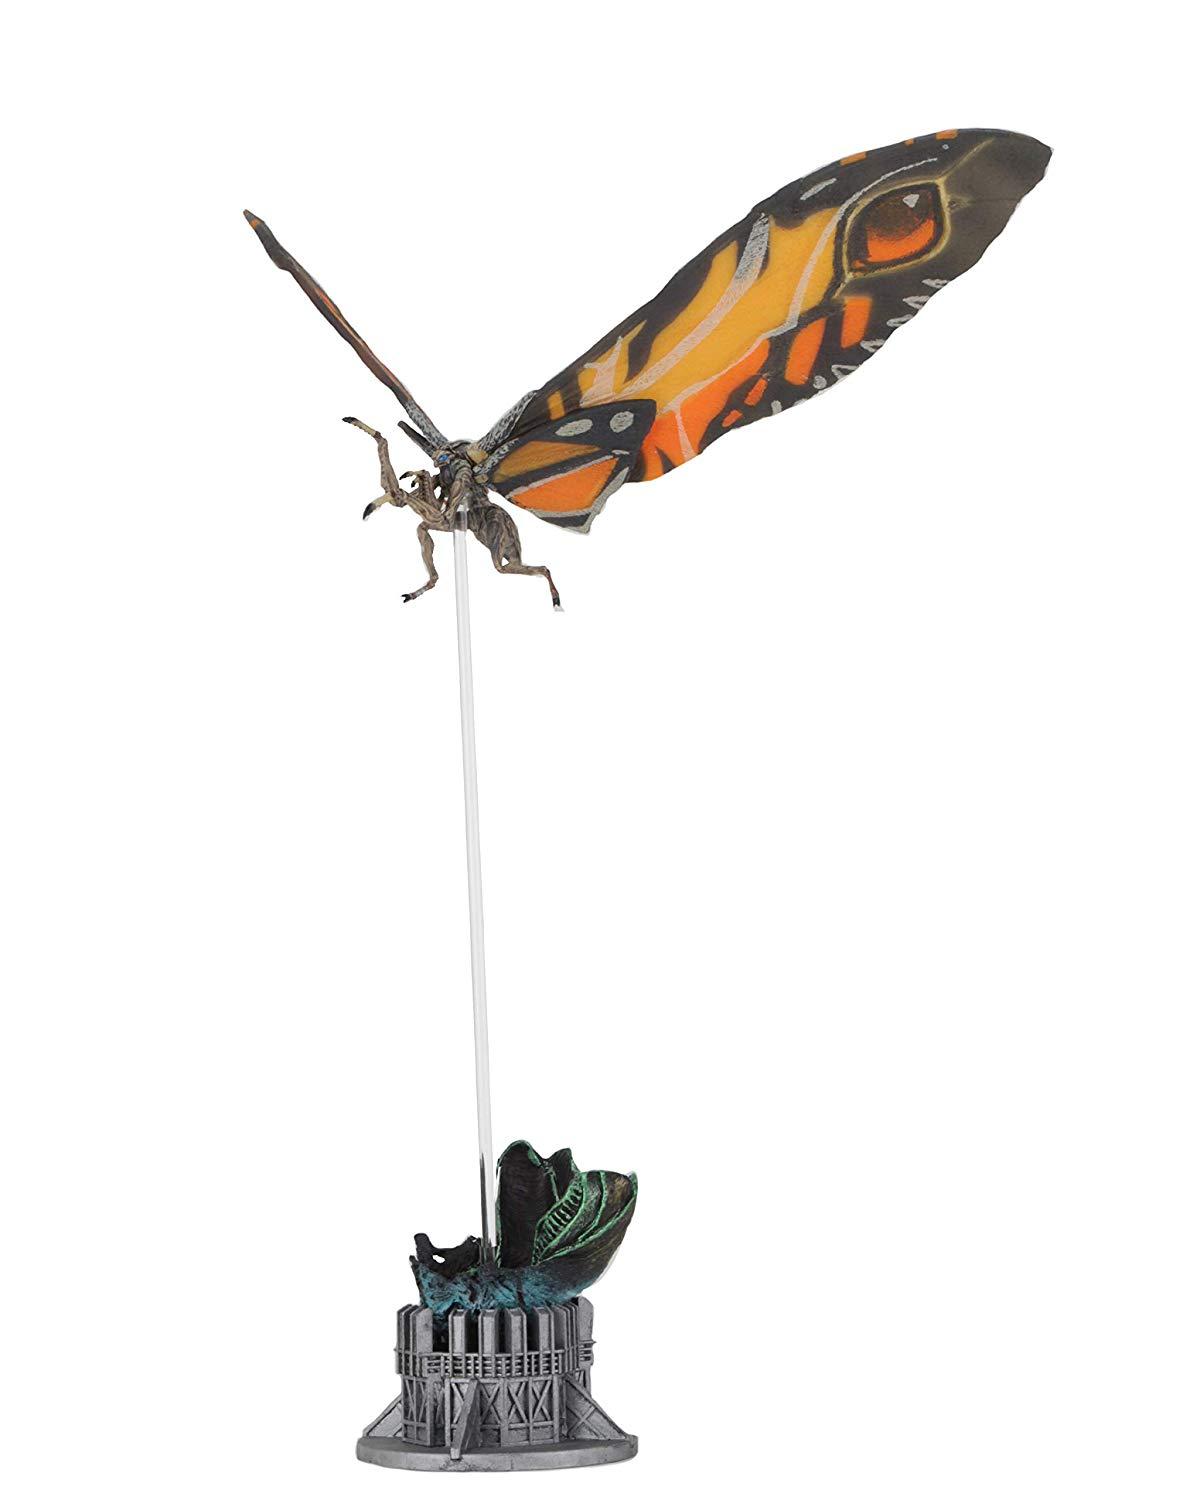 ゴジラ キング・オブ・モンスターズ『モスラ』可動フィギュア-001